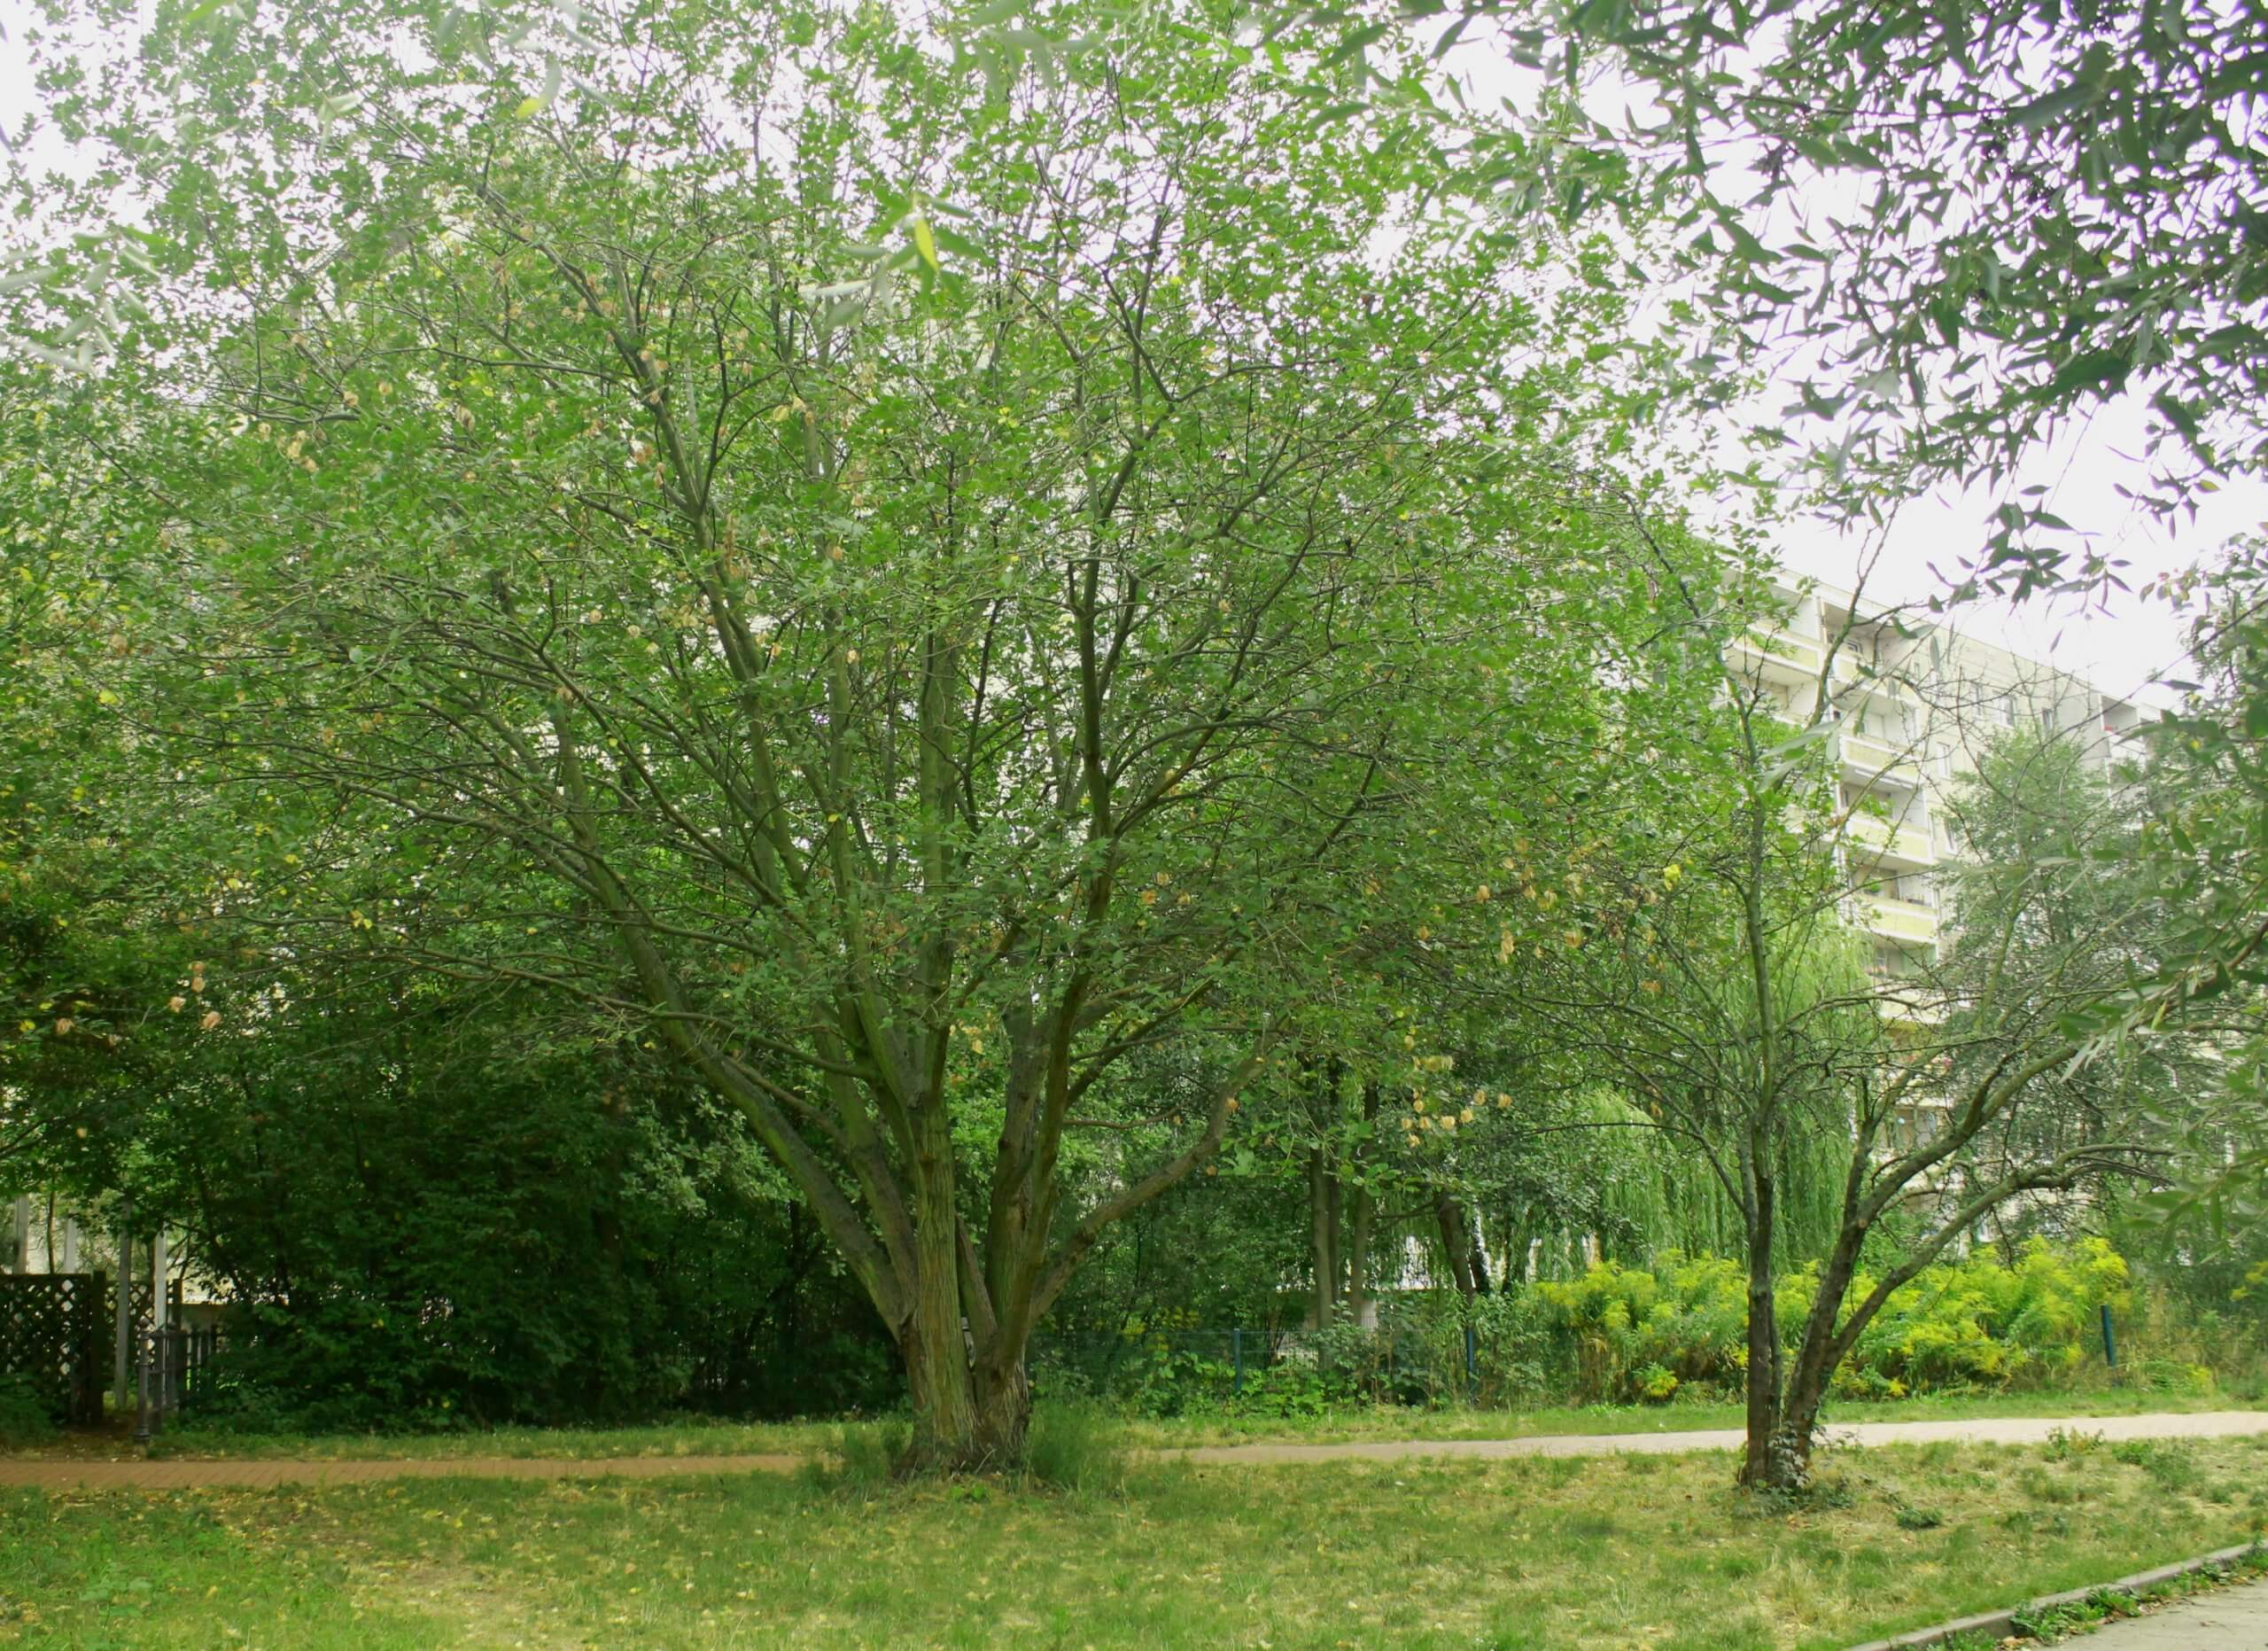 Das Bild zeigt Exemplare von Sal-Weiden als Bestandteil des zentralen Grünzuges im Kosmosviertel. Die Bäume neigen zur Mehrstämmigkeit und bilden ausladende Kronen.